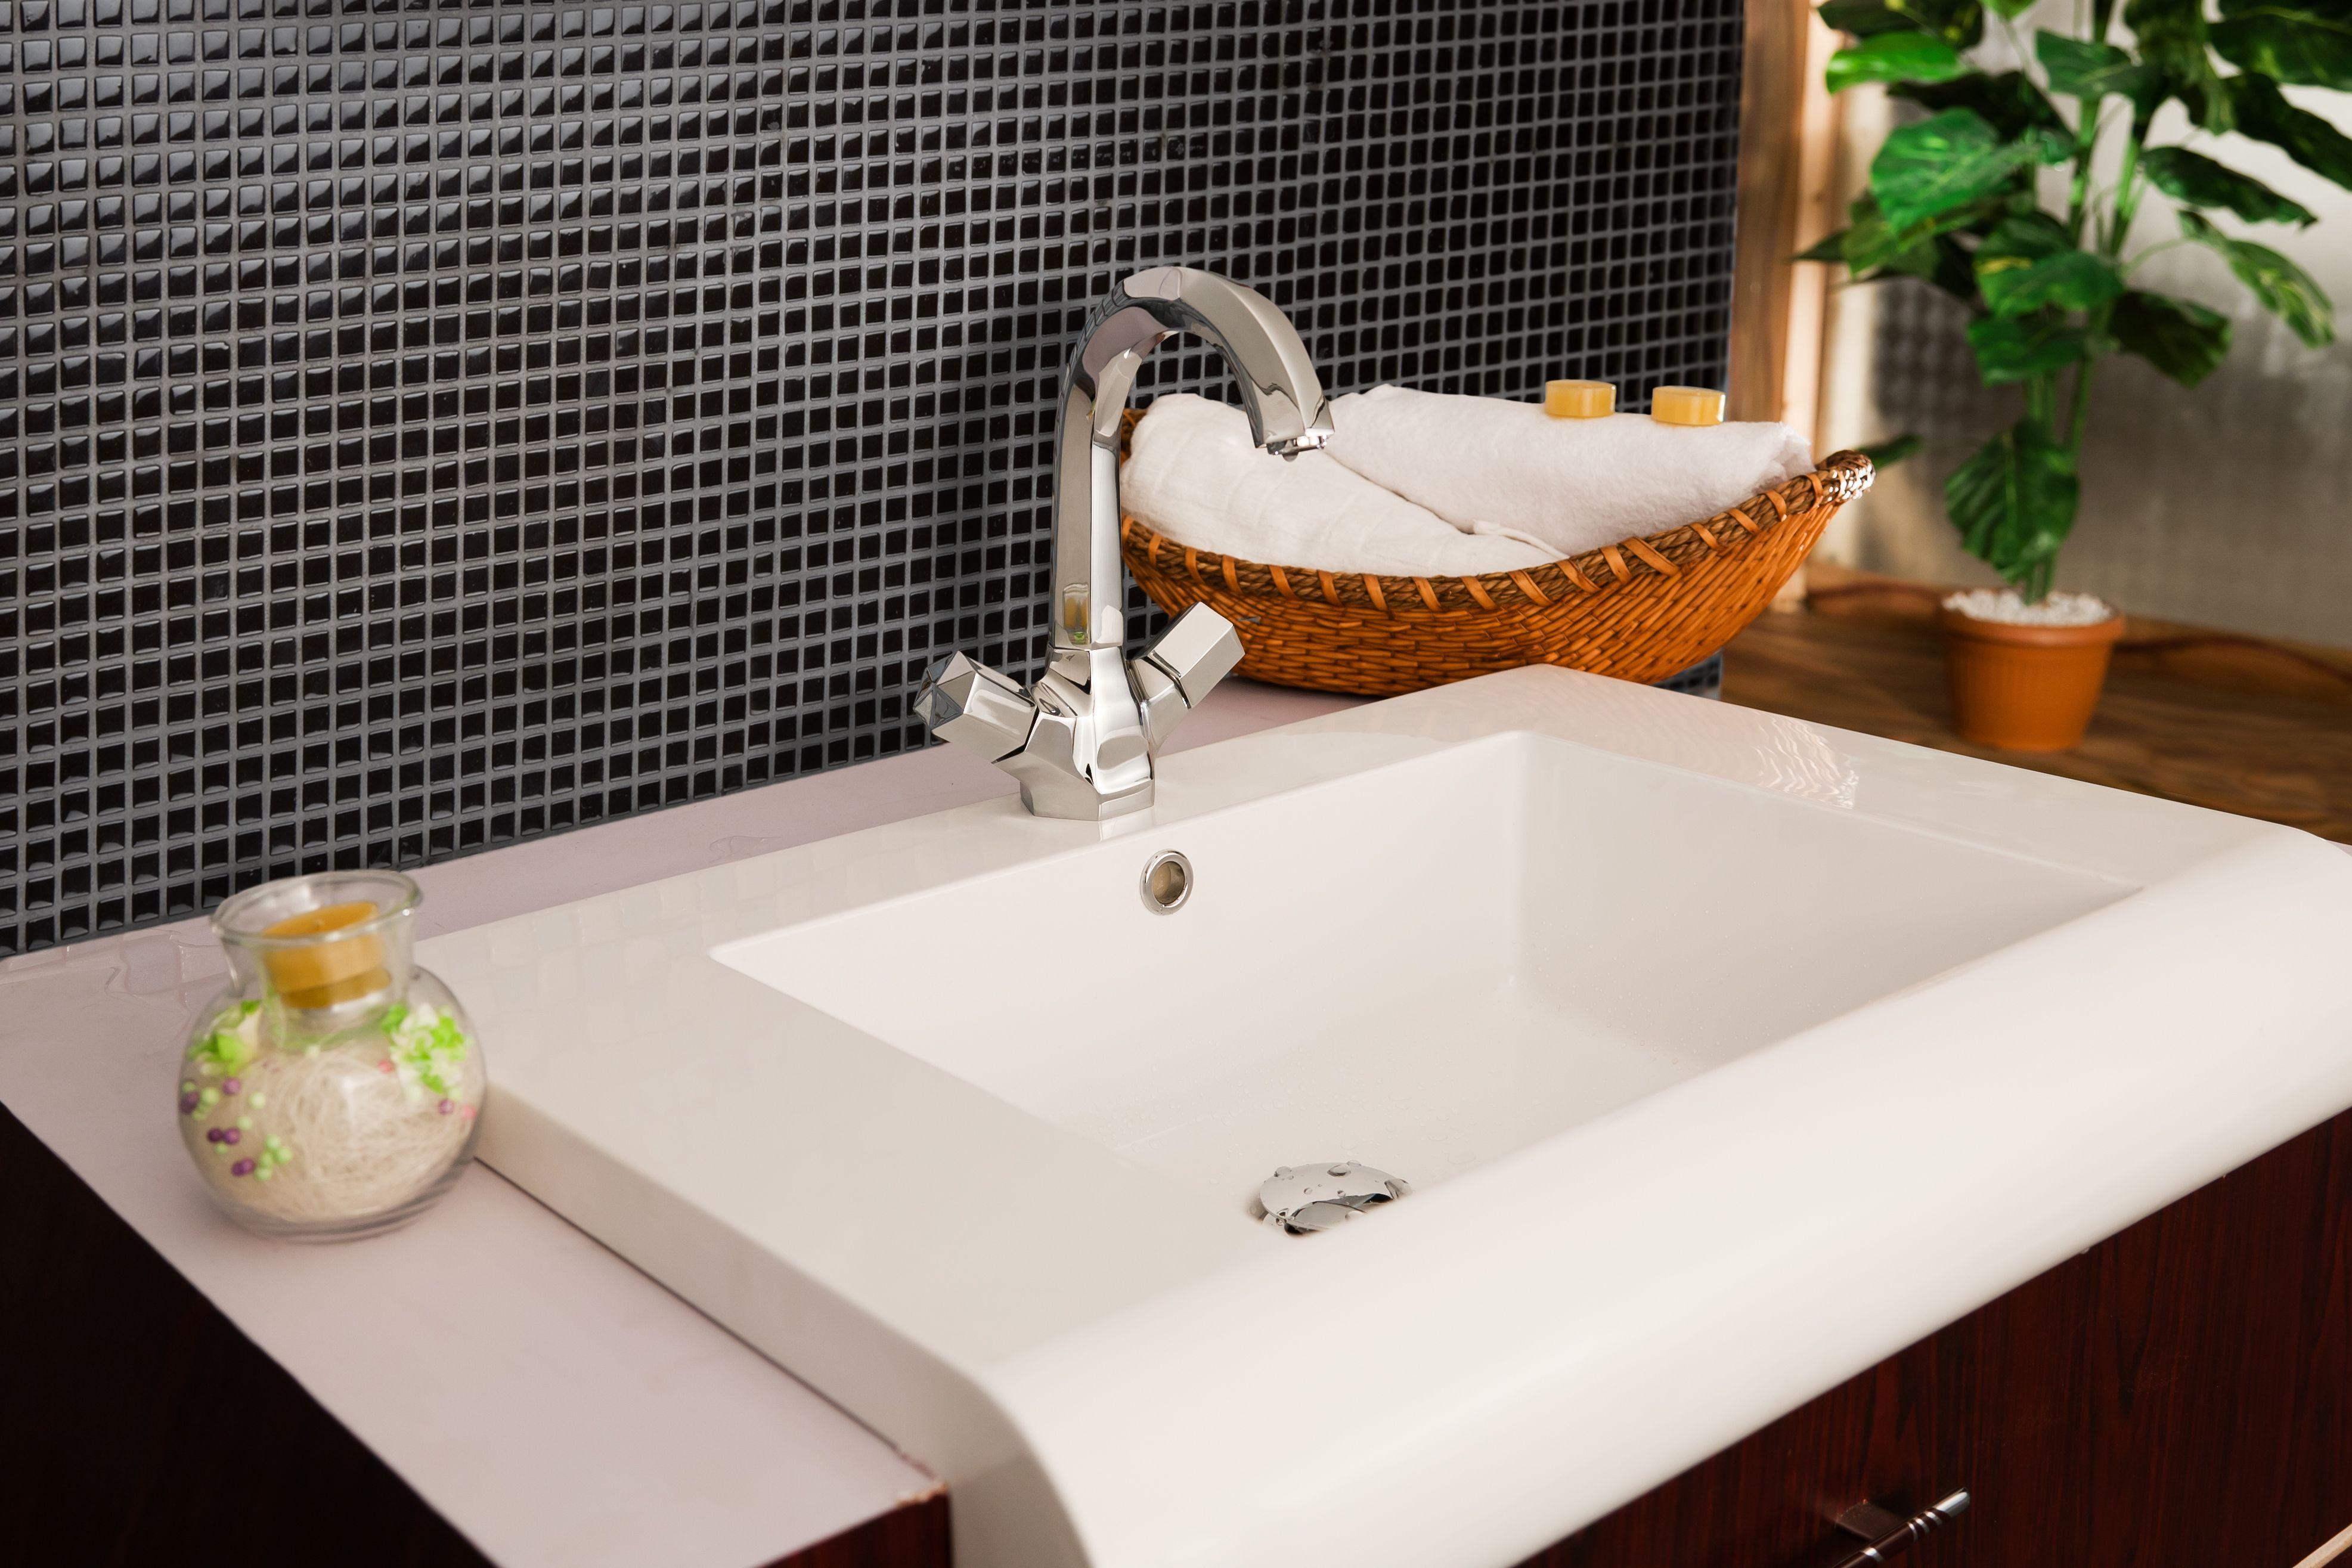 Emser tile image persona tile spaces emser tile baths pinterest emser tile image persona tile dailygadgetfo Gallery